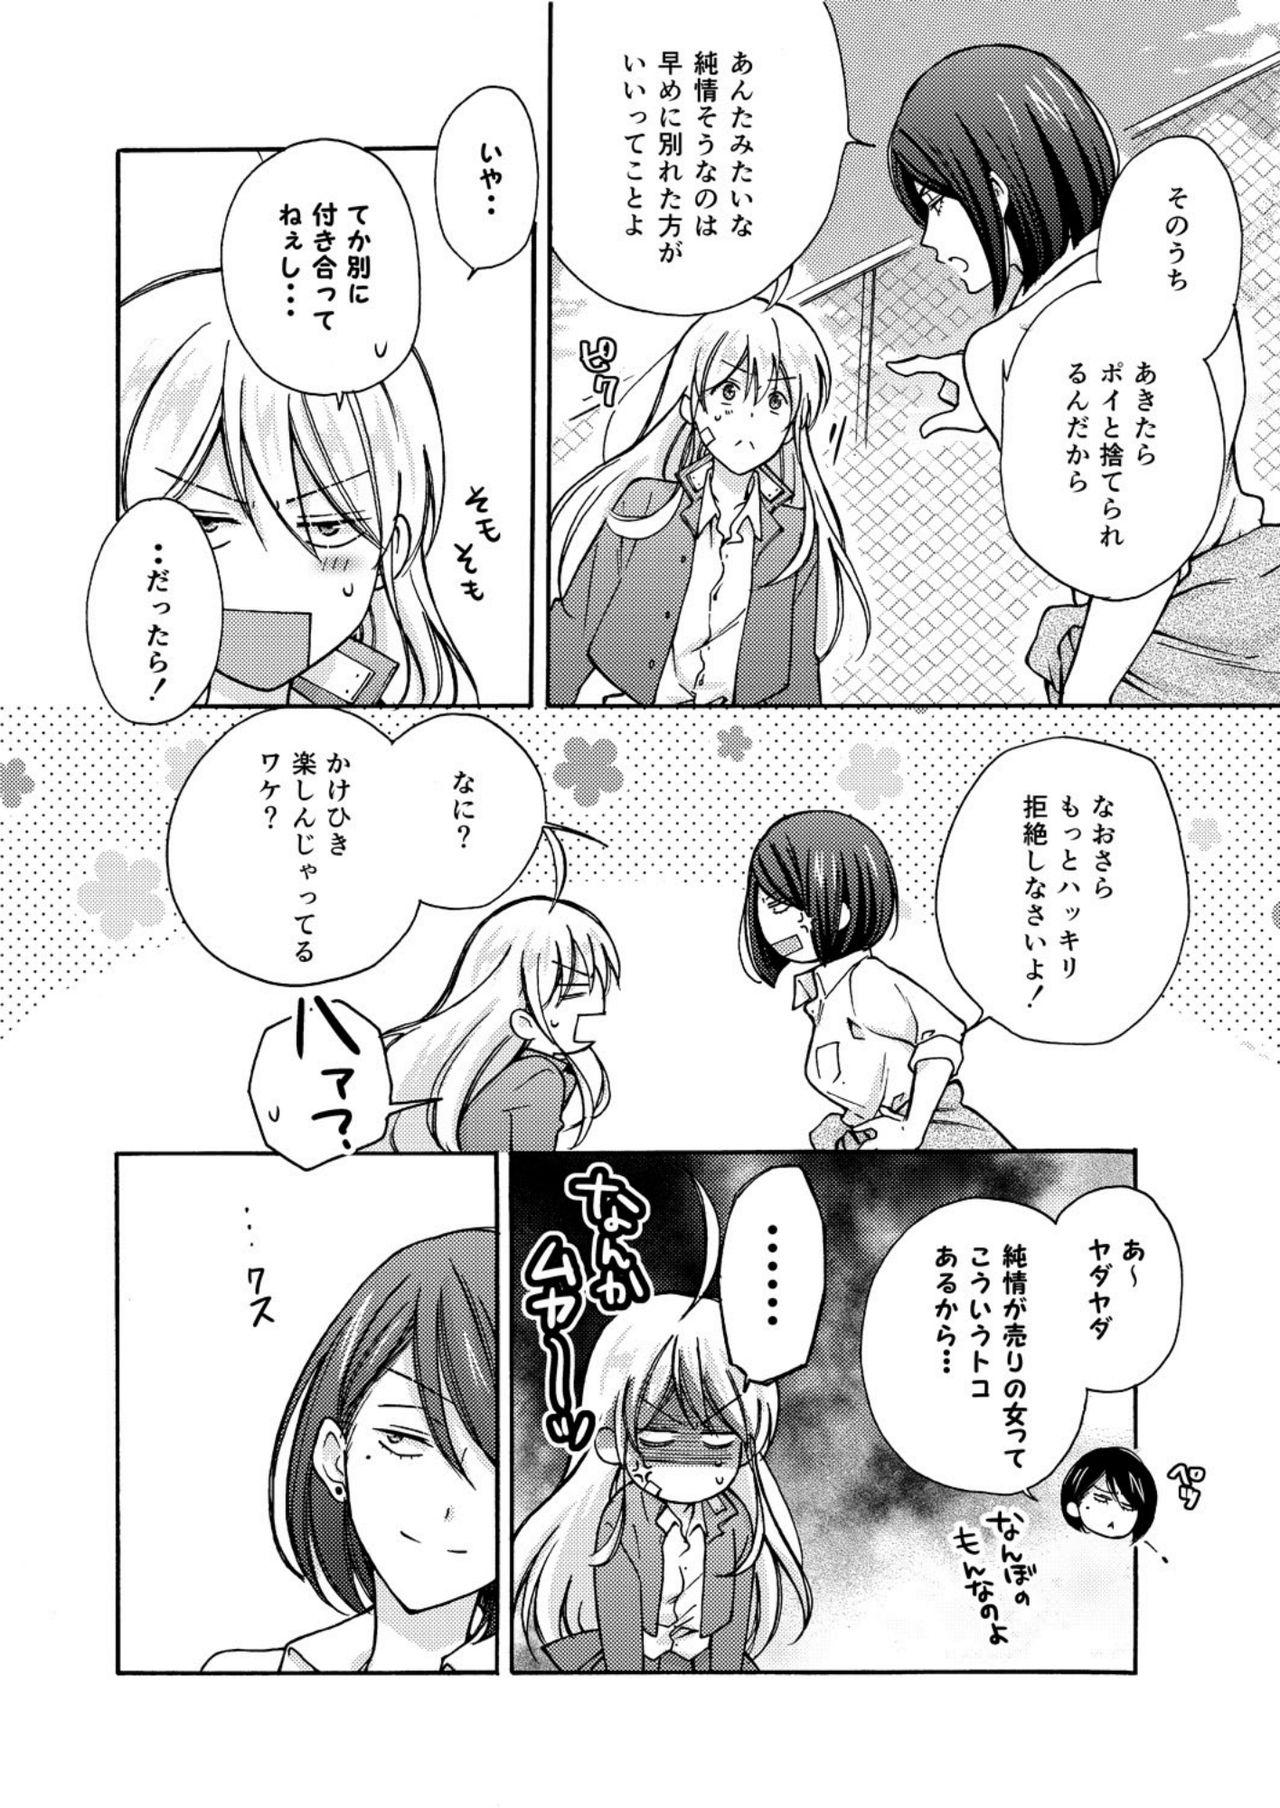 Nyotaika Yankee Gakuen ☆ Ore no Hajimete, Nerawaretemasu. 5 10